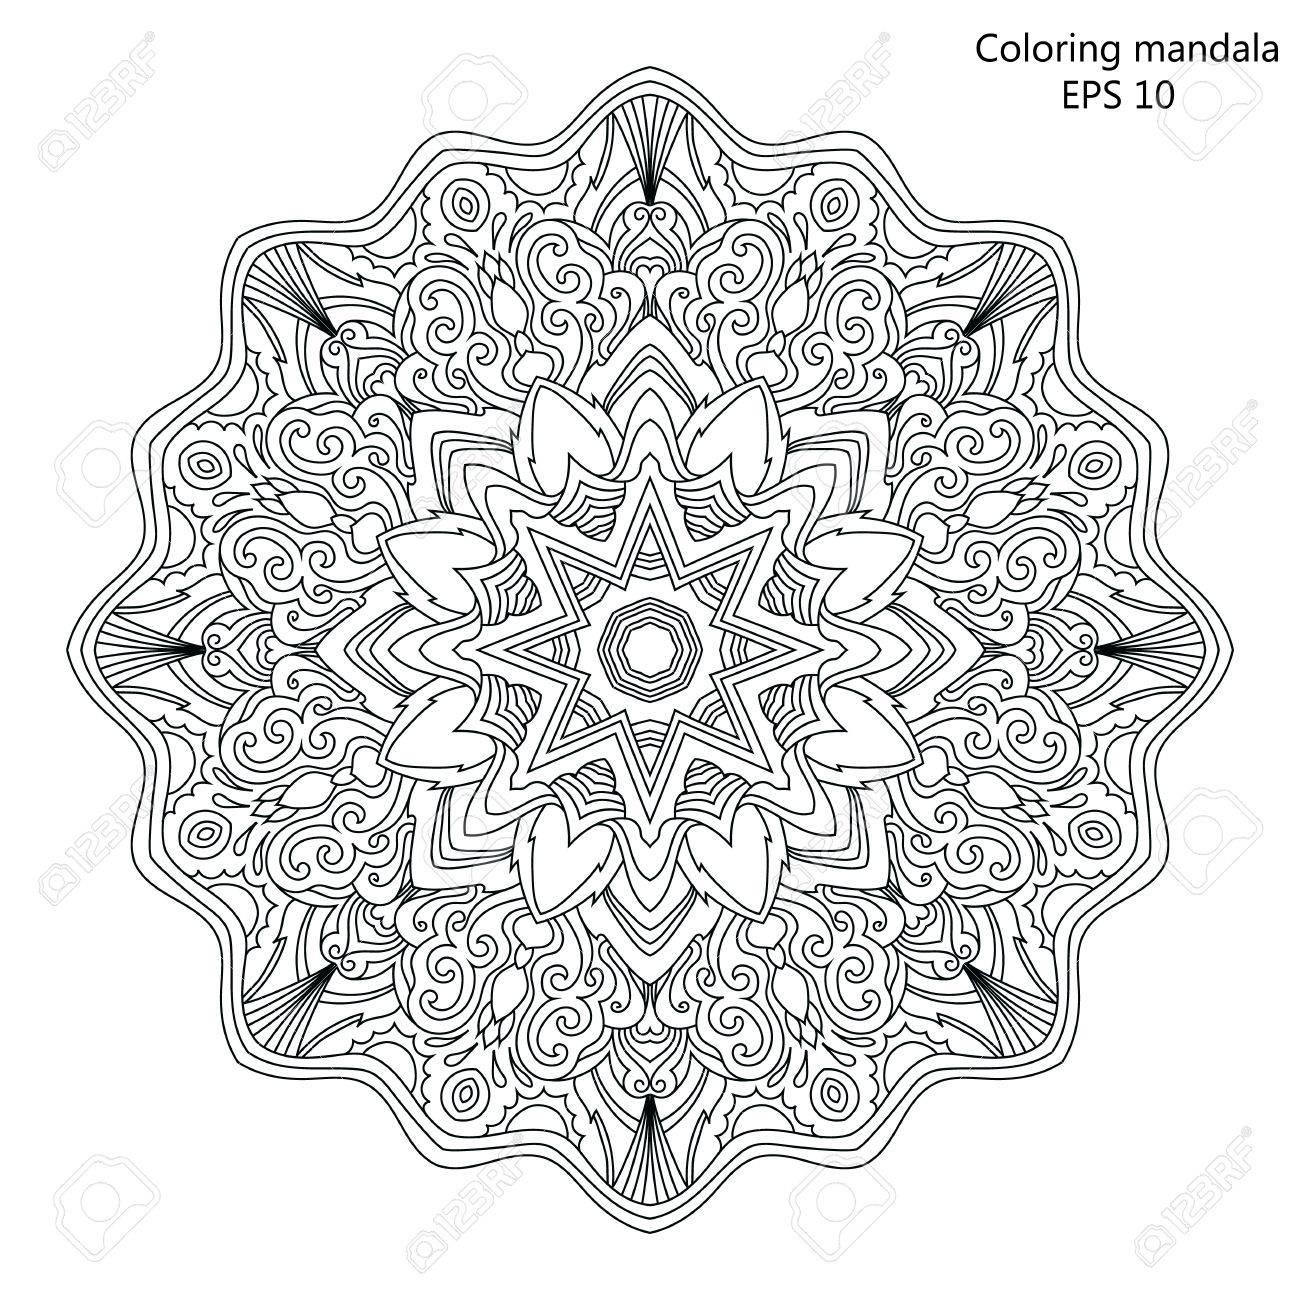 Mandala Malvorlage Für Erwachsene Vektor-Illustration. Lizenzfrei ...